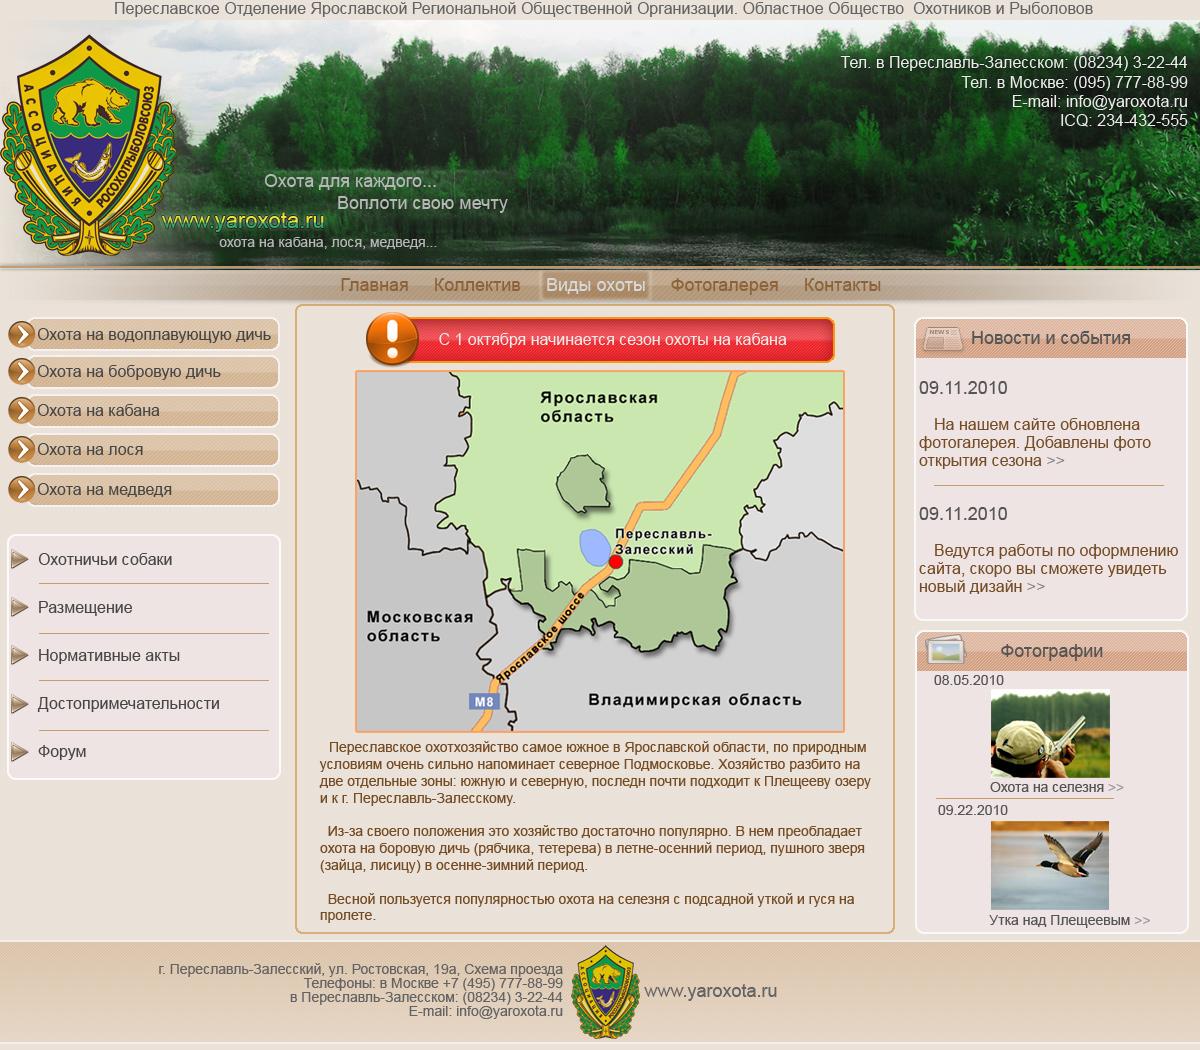 сайт ярославского общества охотников и рыболовов